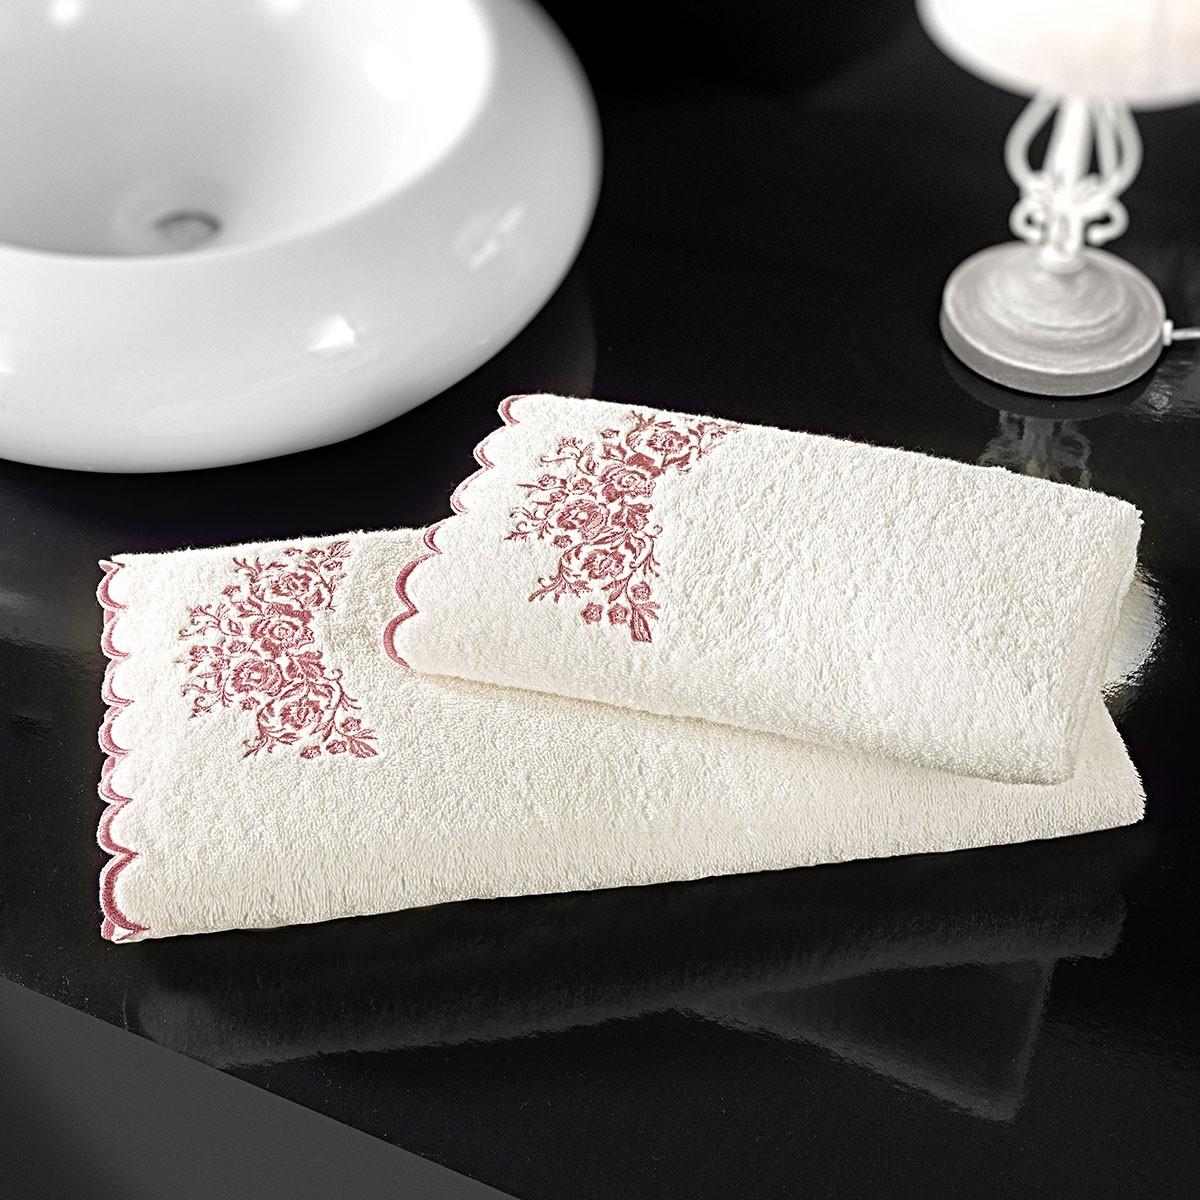 Πετσέτες Μπάνιου (Σετ 2τμχ) Nima Lafayette Old Blush